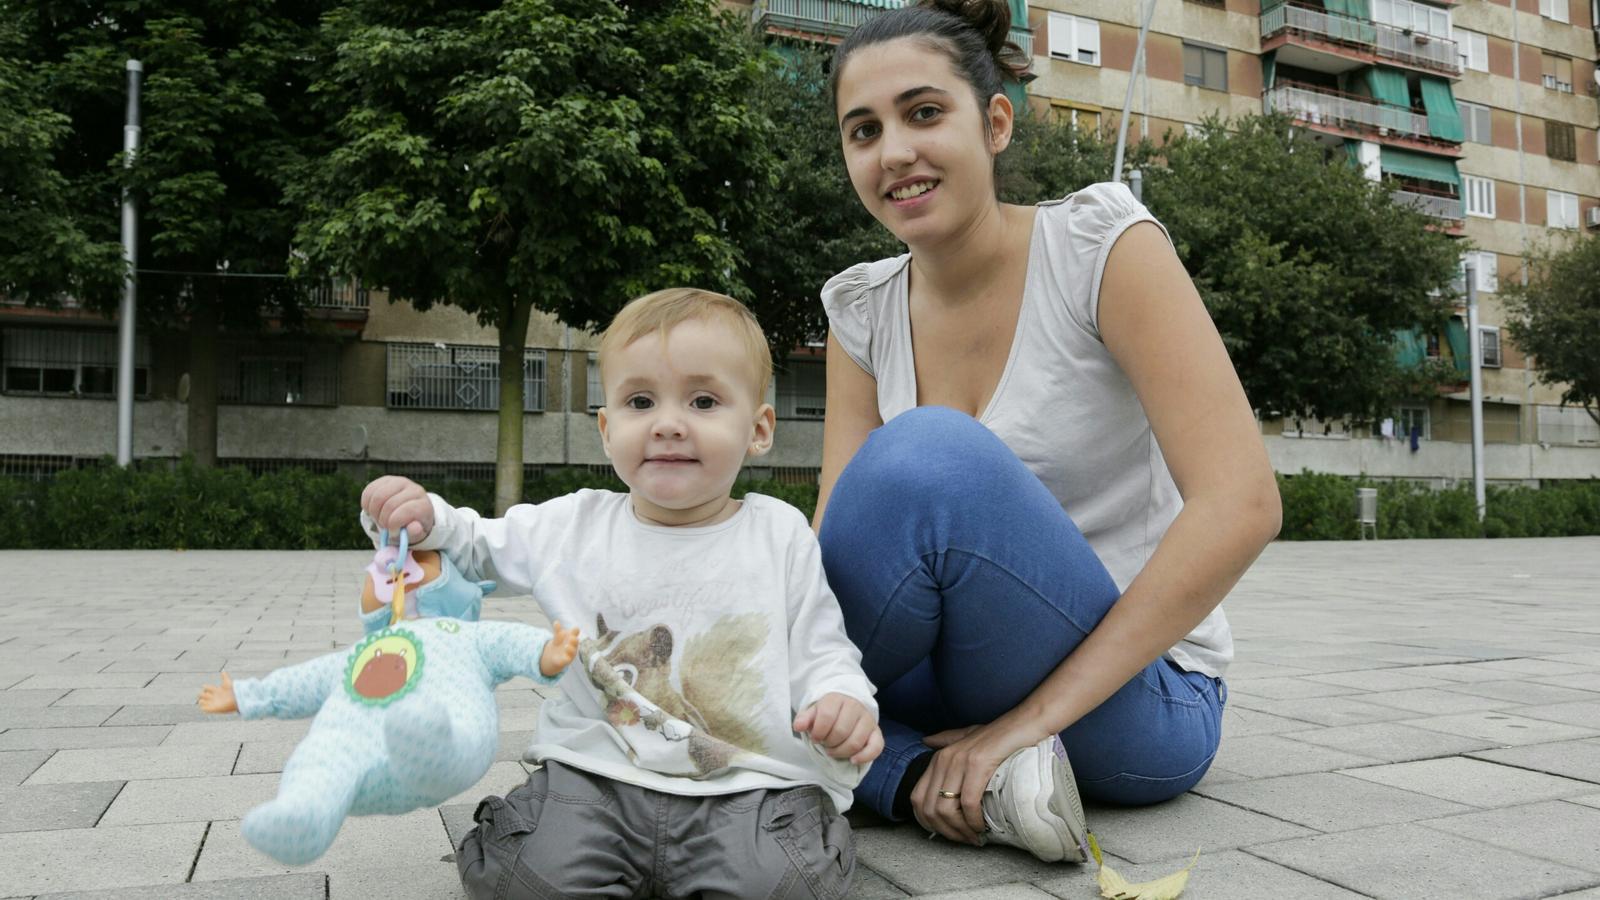 L'estudiant de pedagogia de la UB Mireia Cabanillas, amb la seva filla d'onze mesos